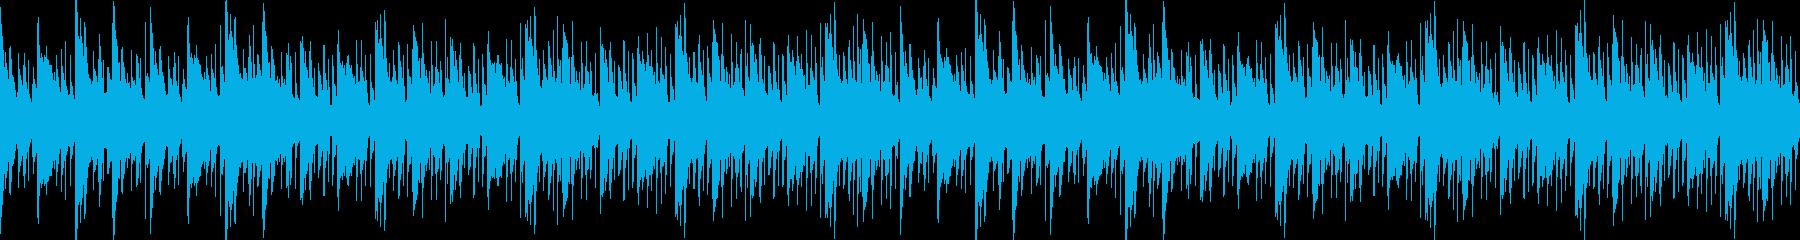 温かい・幻想的・切ない・チルアウトループの再生済みの波形